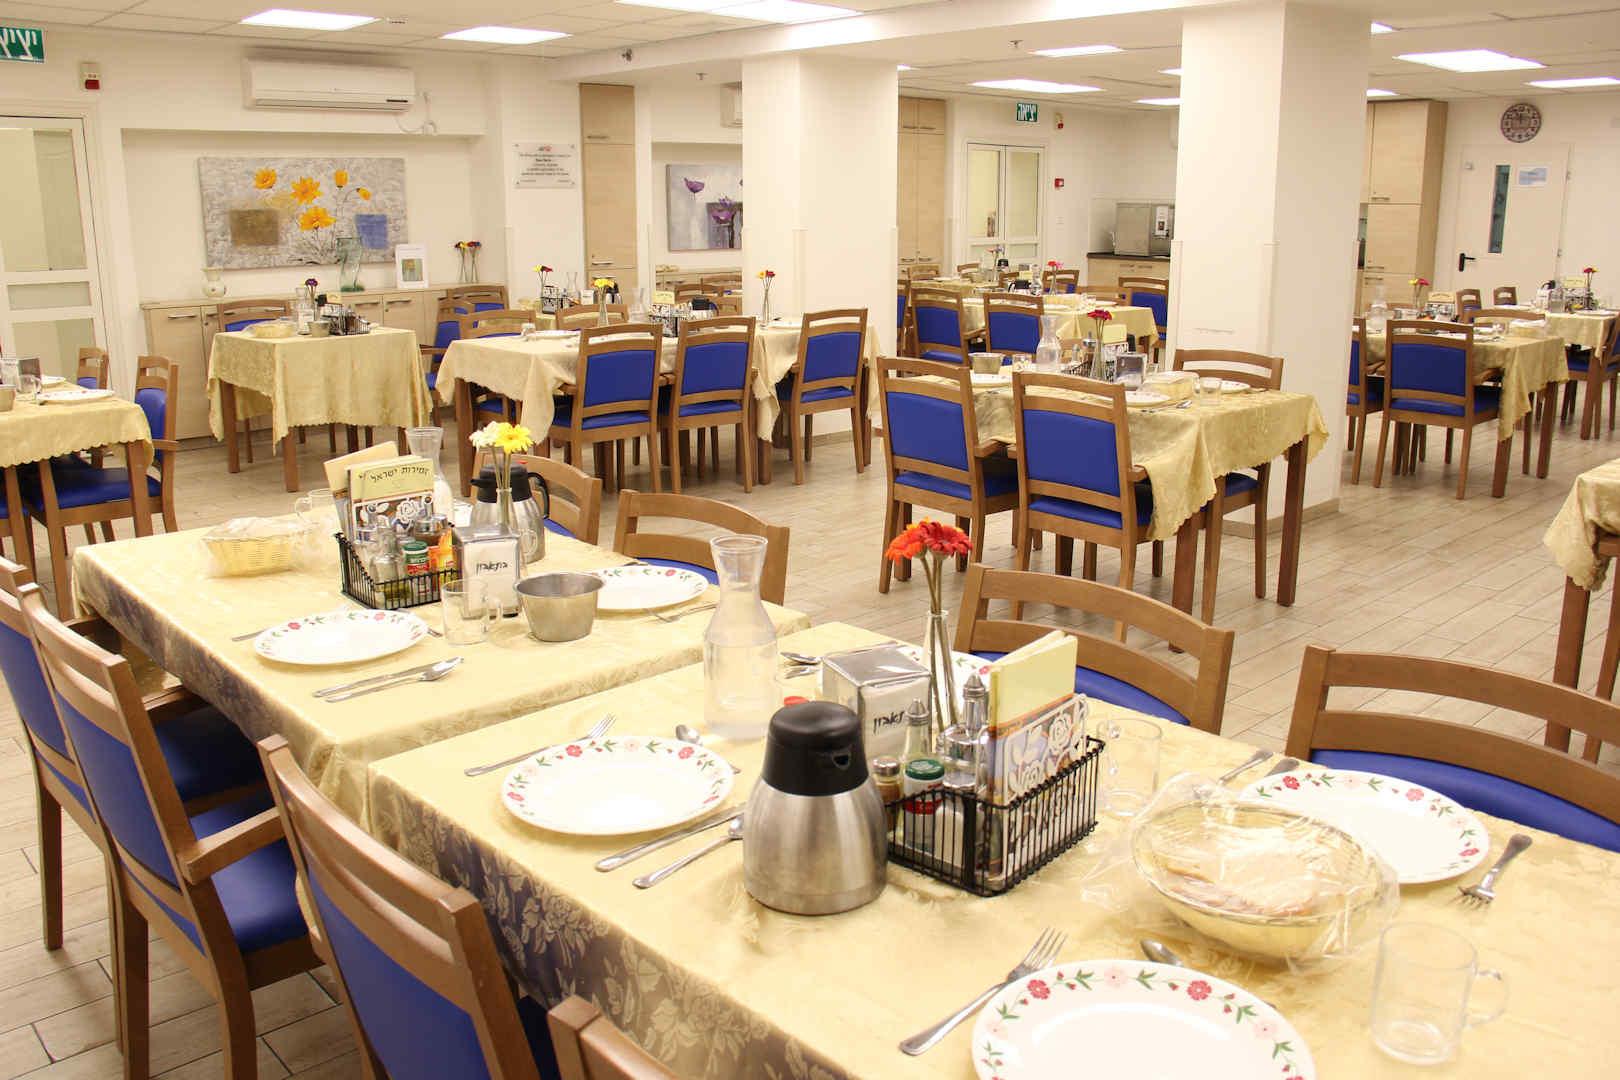 בית ג'ני ברויאר לציבור הדתי לאומי חדר אוכל